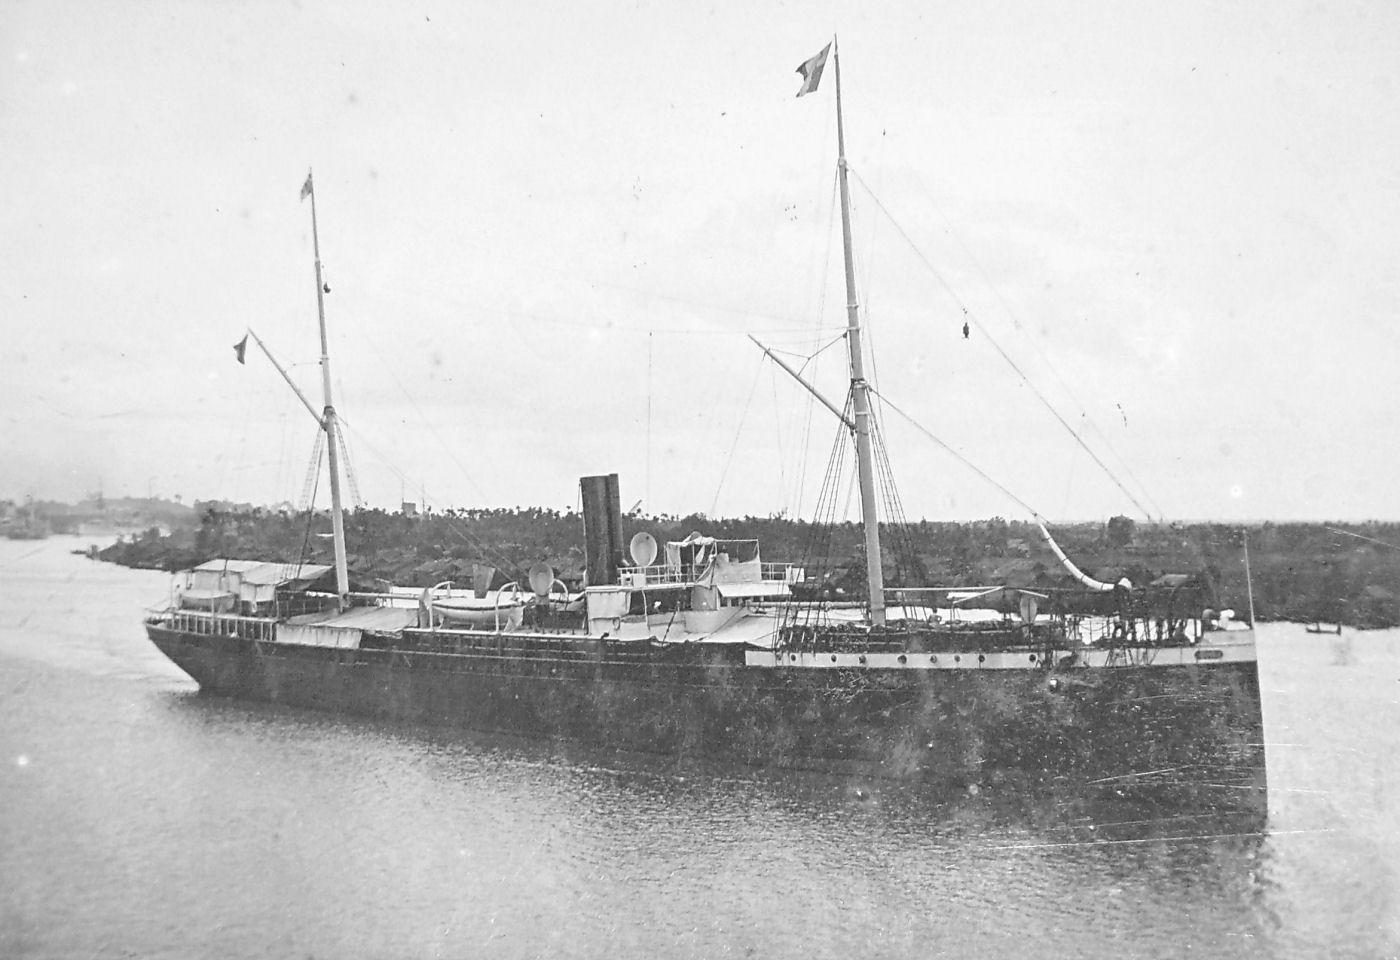 Tiết lộ về 'thảm họa Titanic của Việt Nam' năm 1924